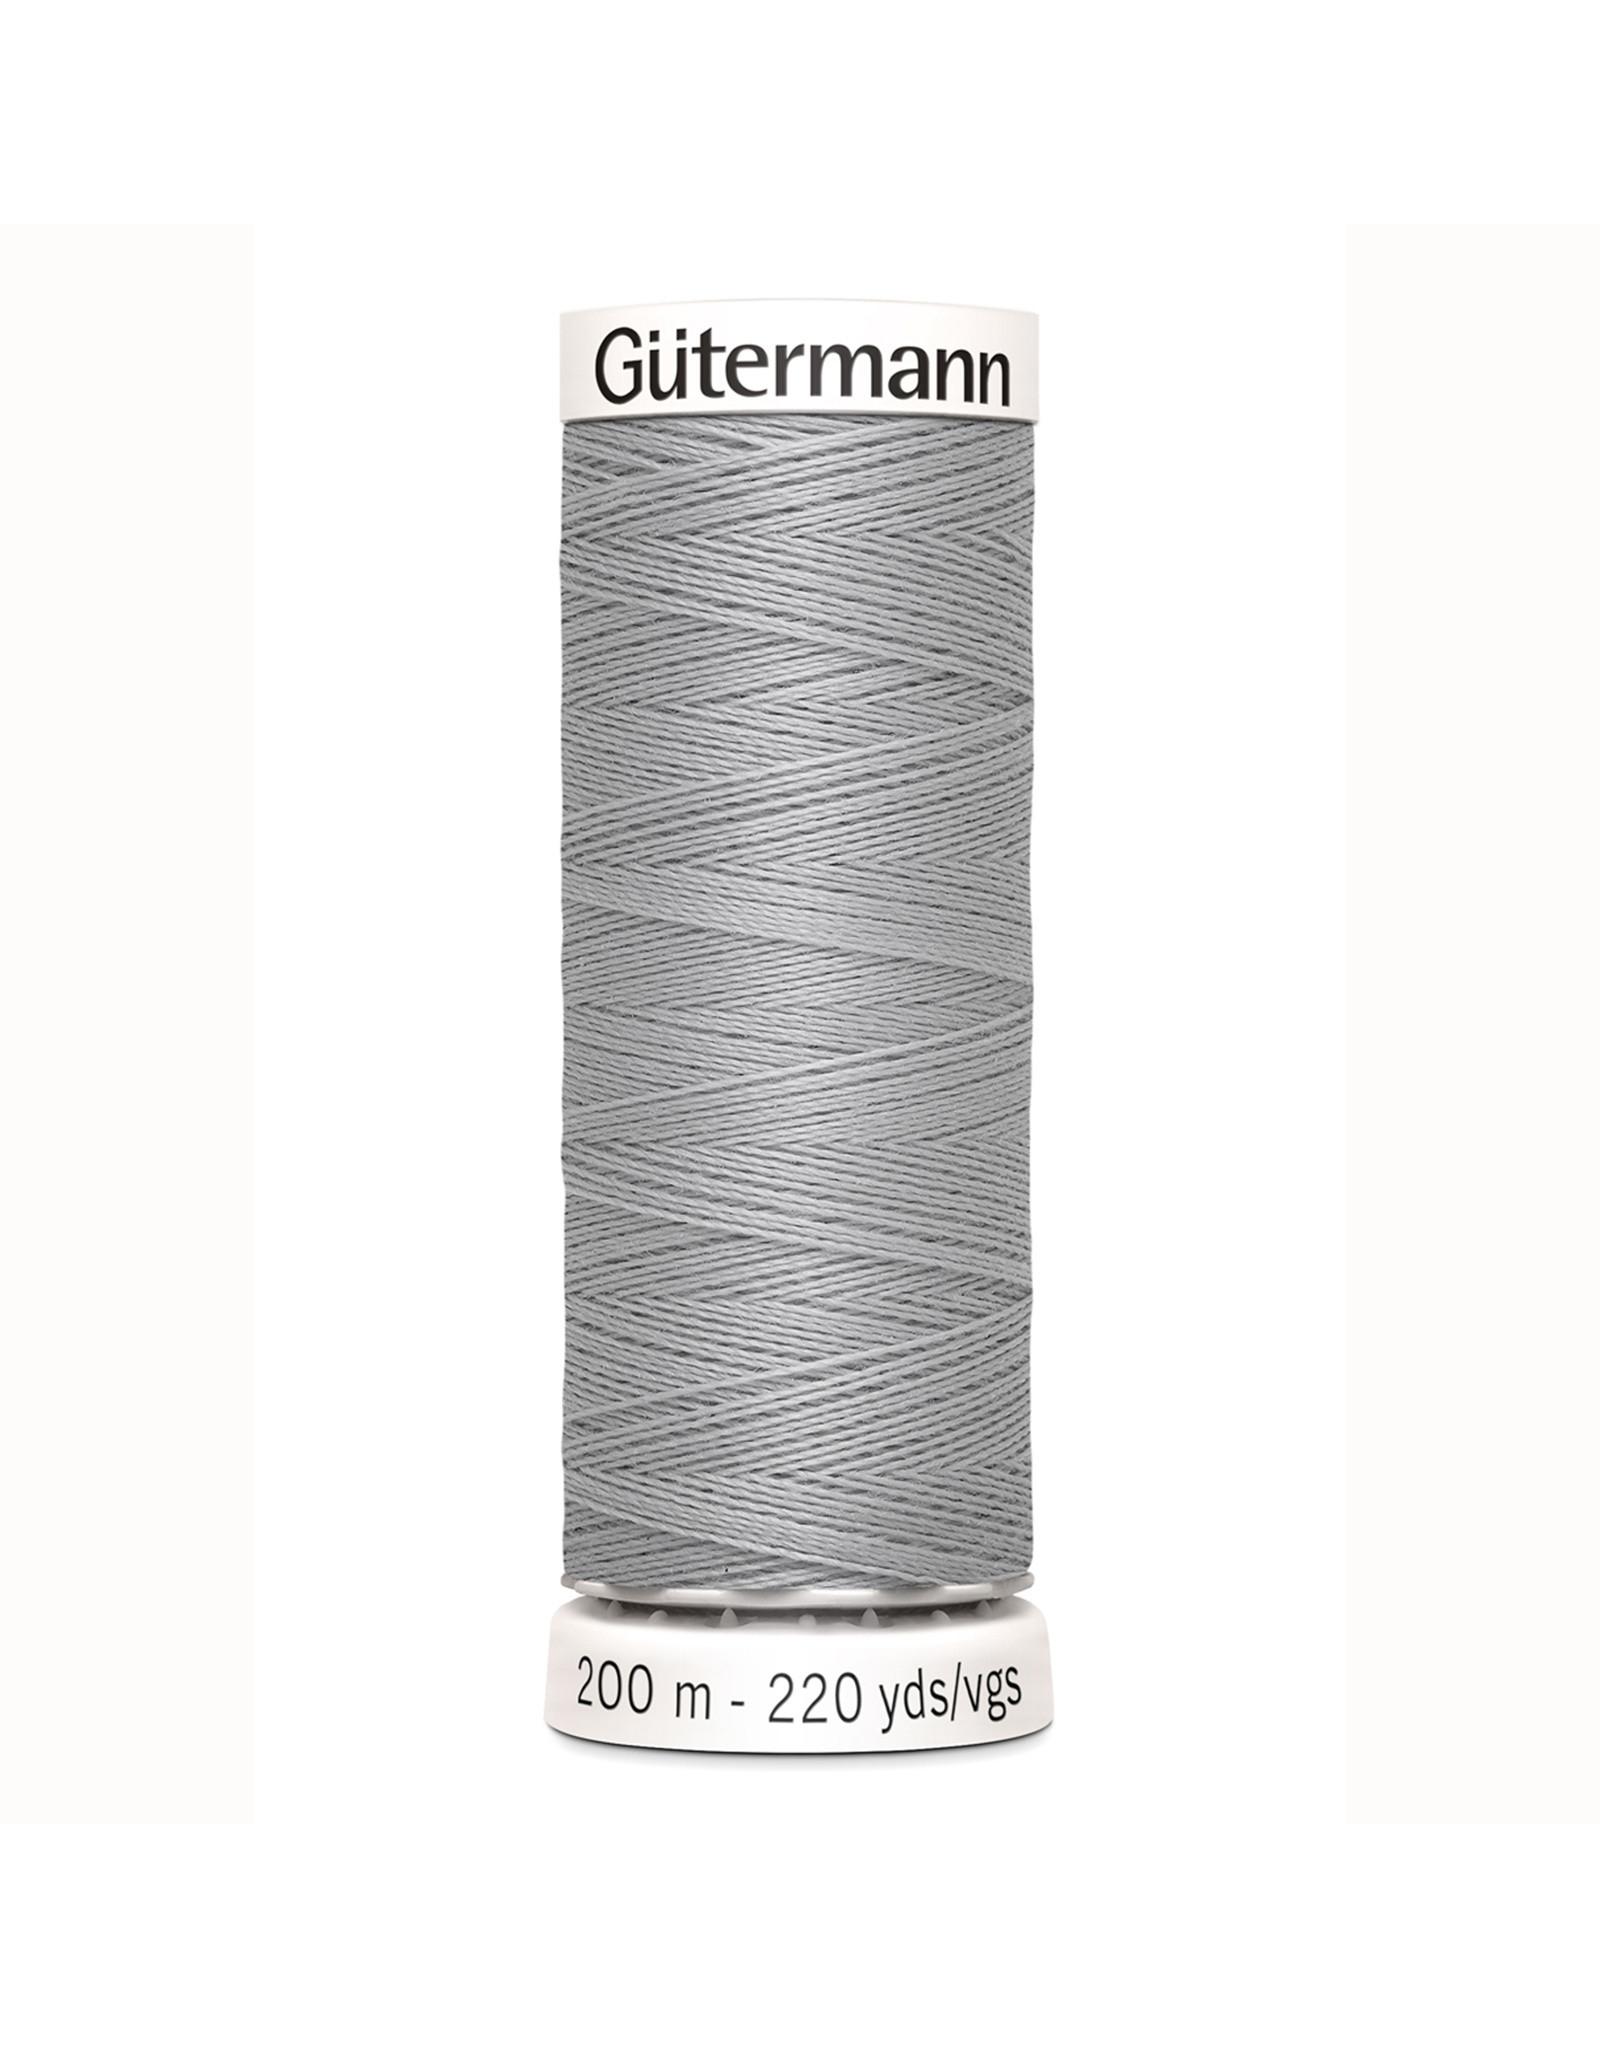 Gütermann Gütermann Nähgarn 200 m - nr 38